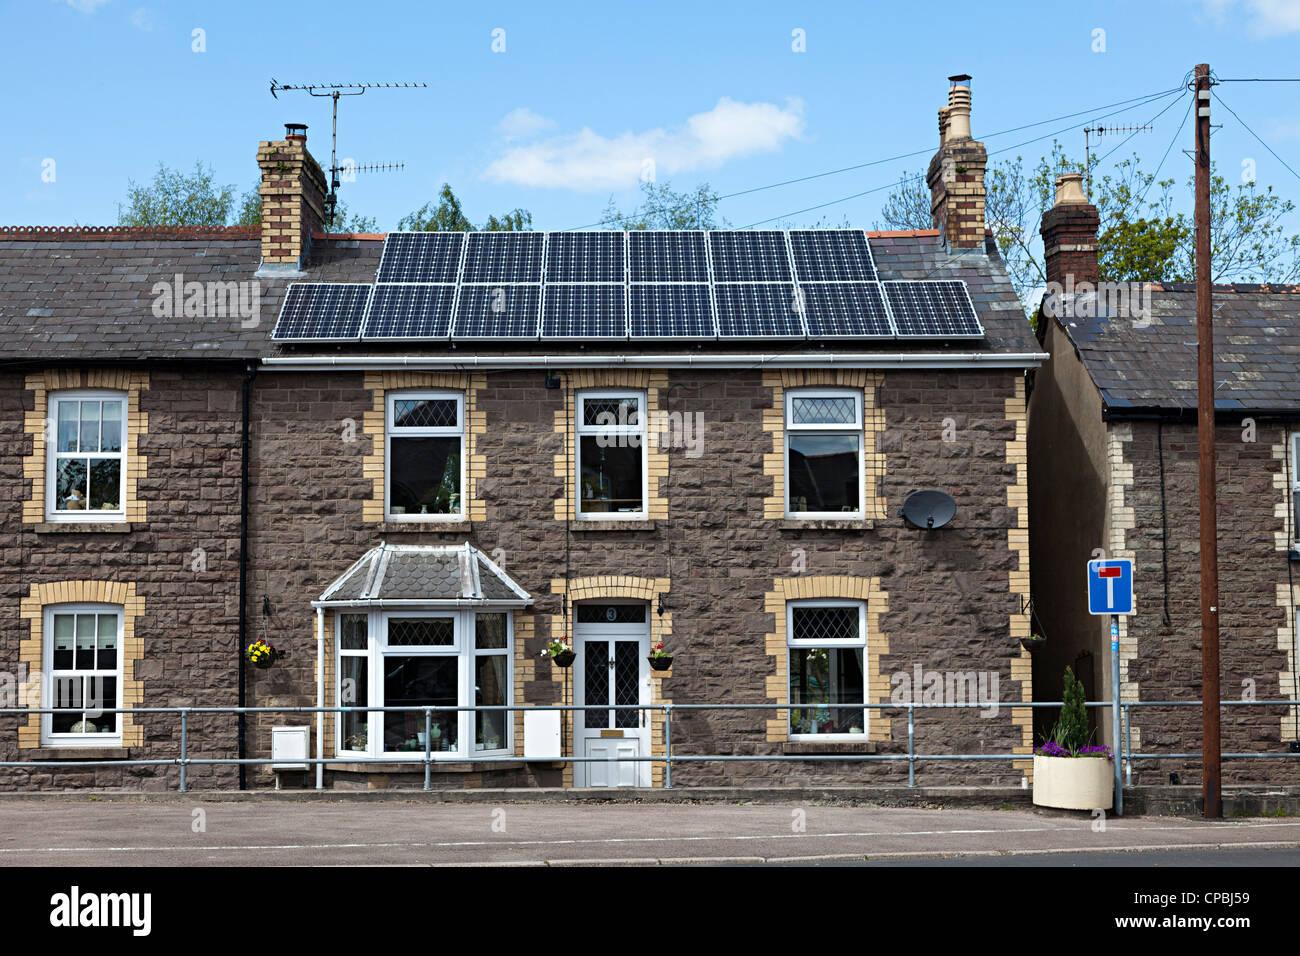 Antigua casa de piedra en terraza con modernos paneles solares en el techo, Llanfoist, Wales, REINO UNIDO Imagen De Stock